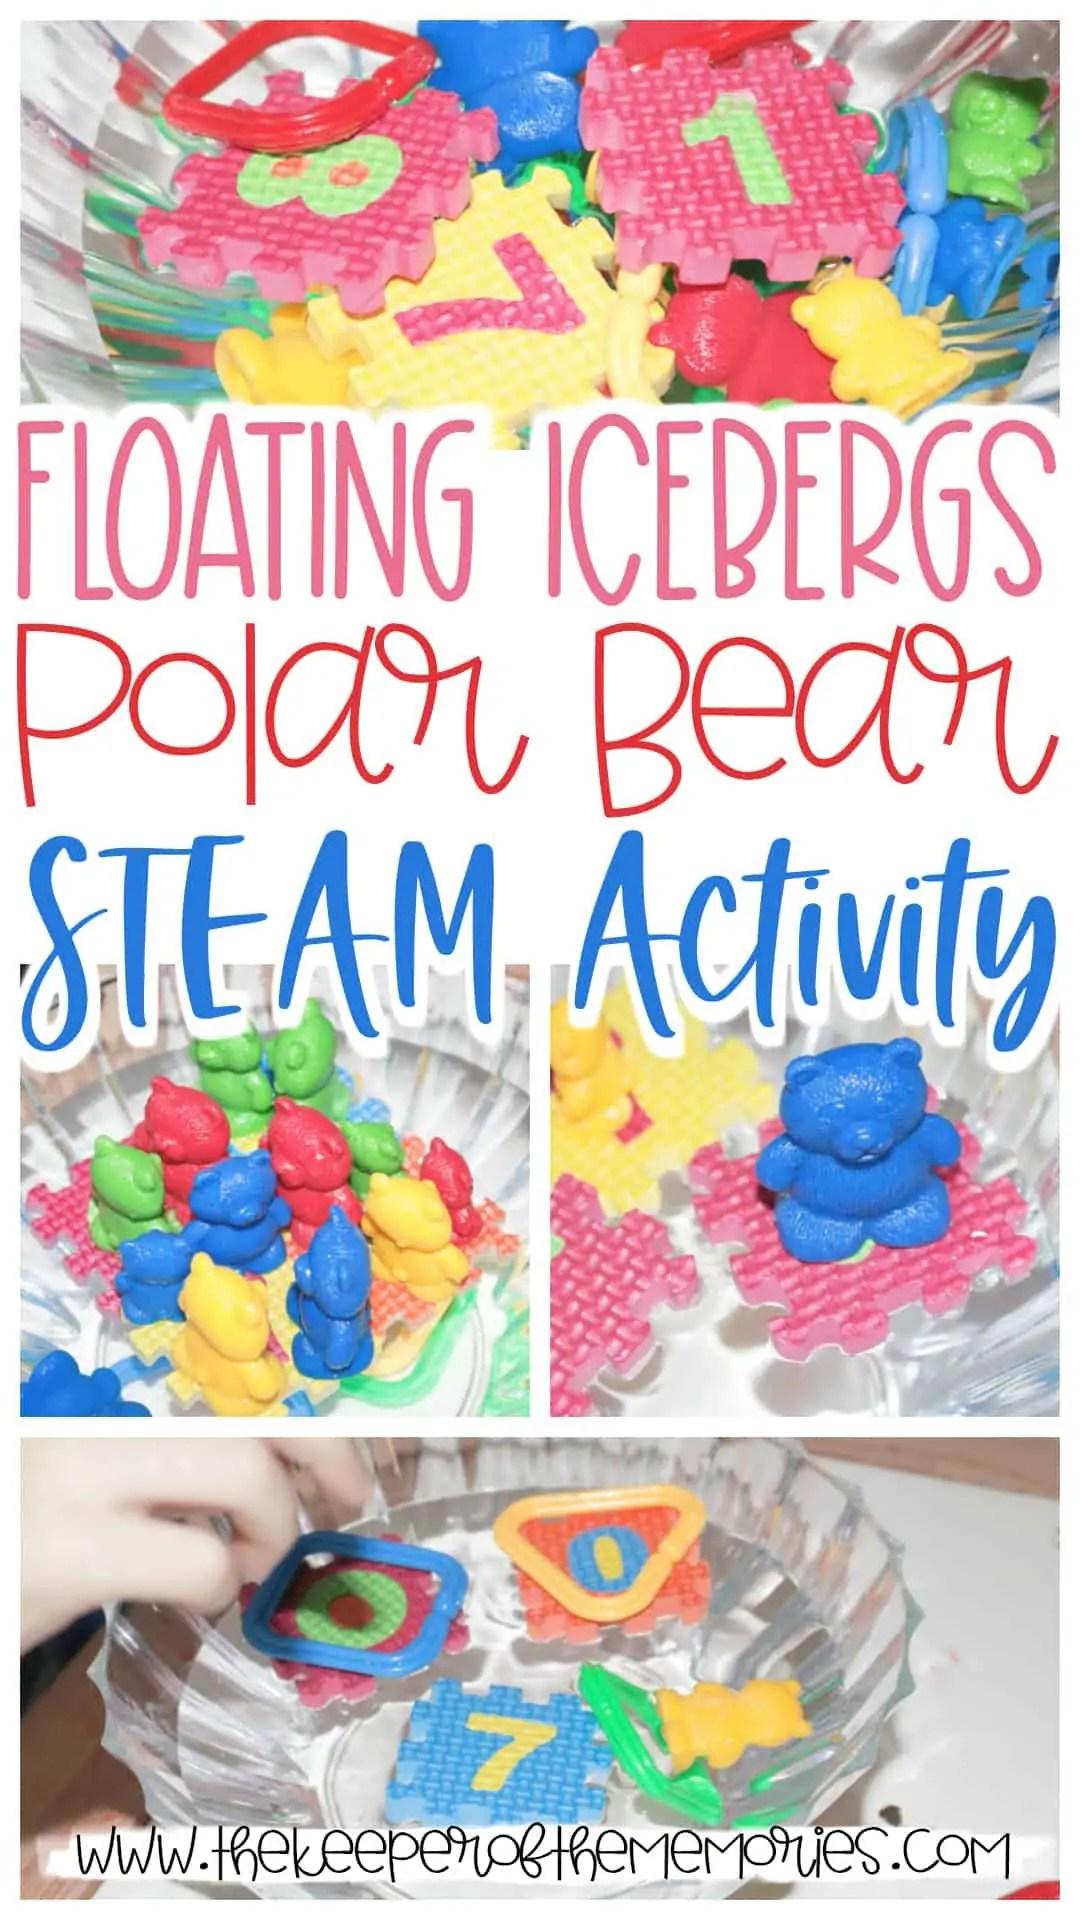 Floating Icebergs Polar Bear Steam Activity